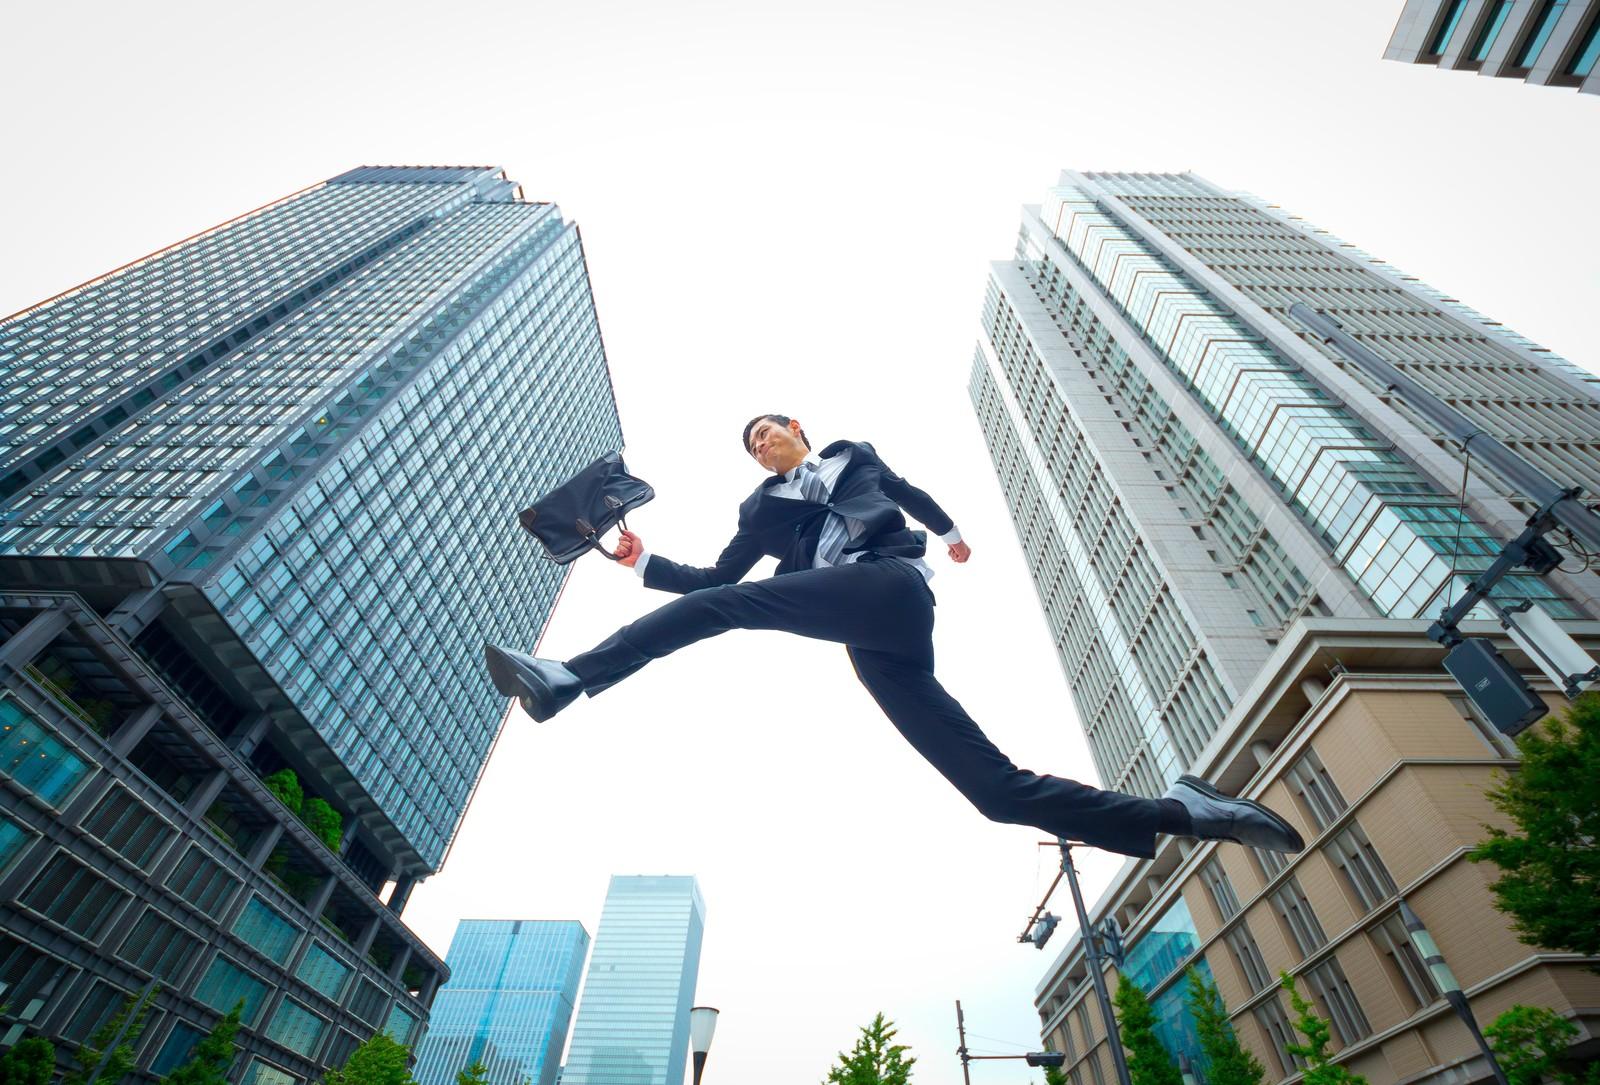 初めて転職する時に不安になる必要はない。プロの力を頼れば簡単に進んでいく